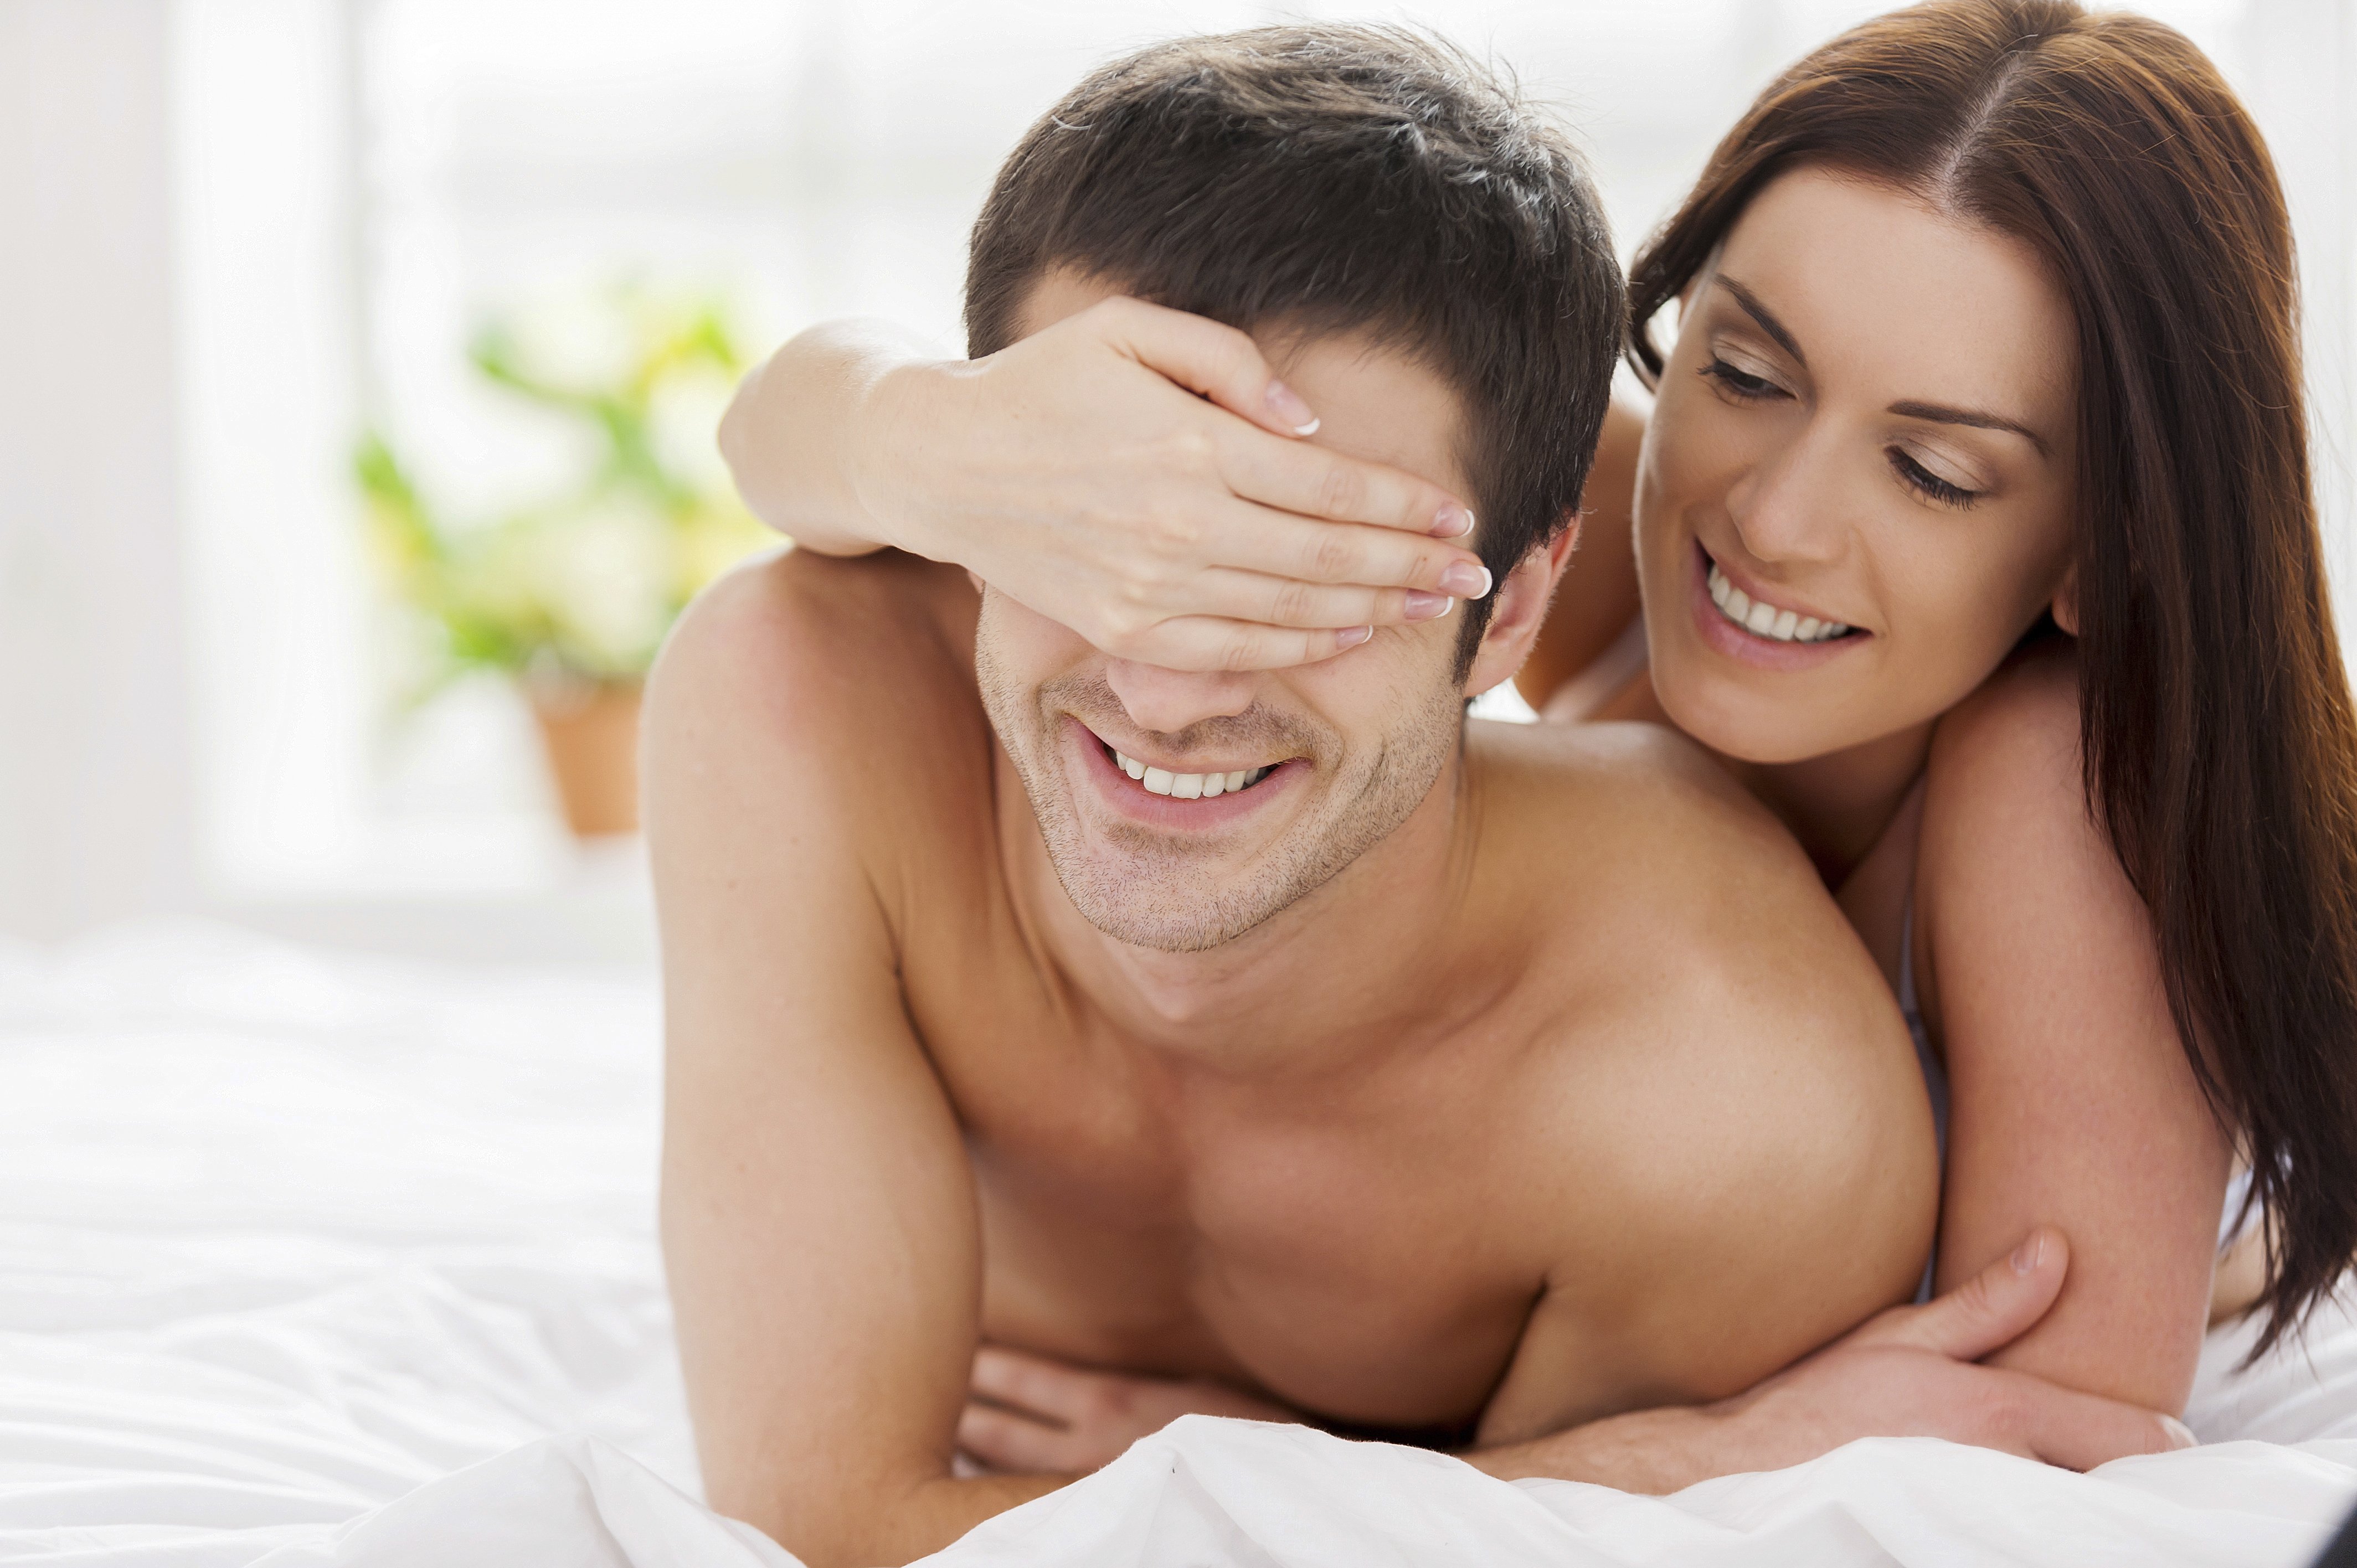 Teini tyttöjen ensimmäistä kertaa seksiä